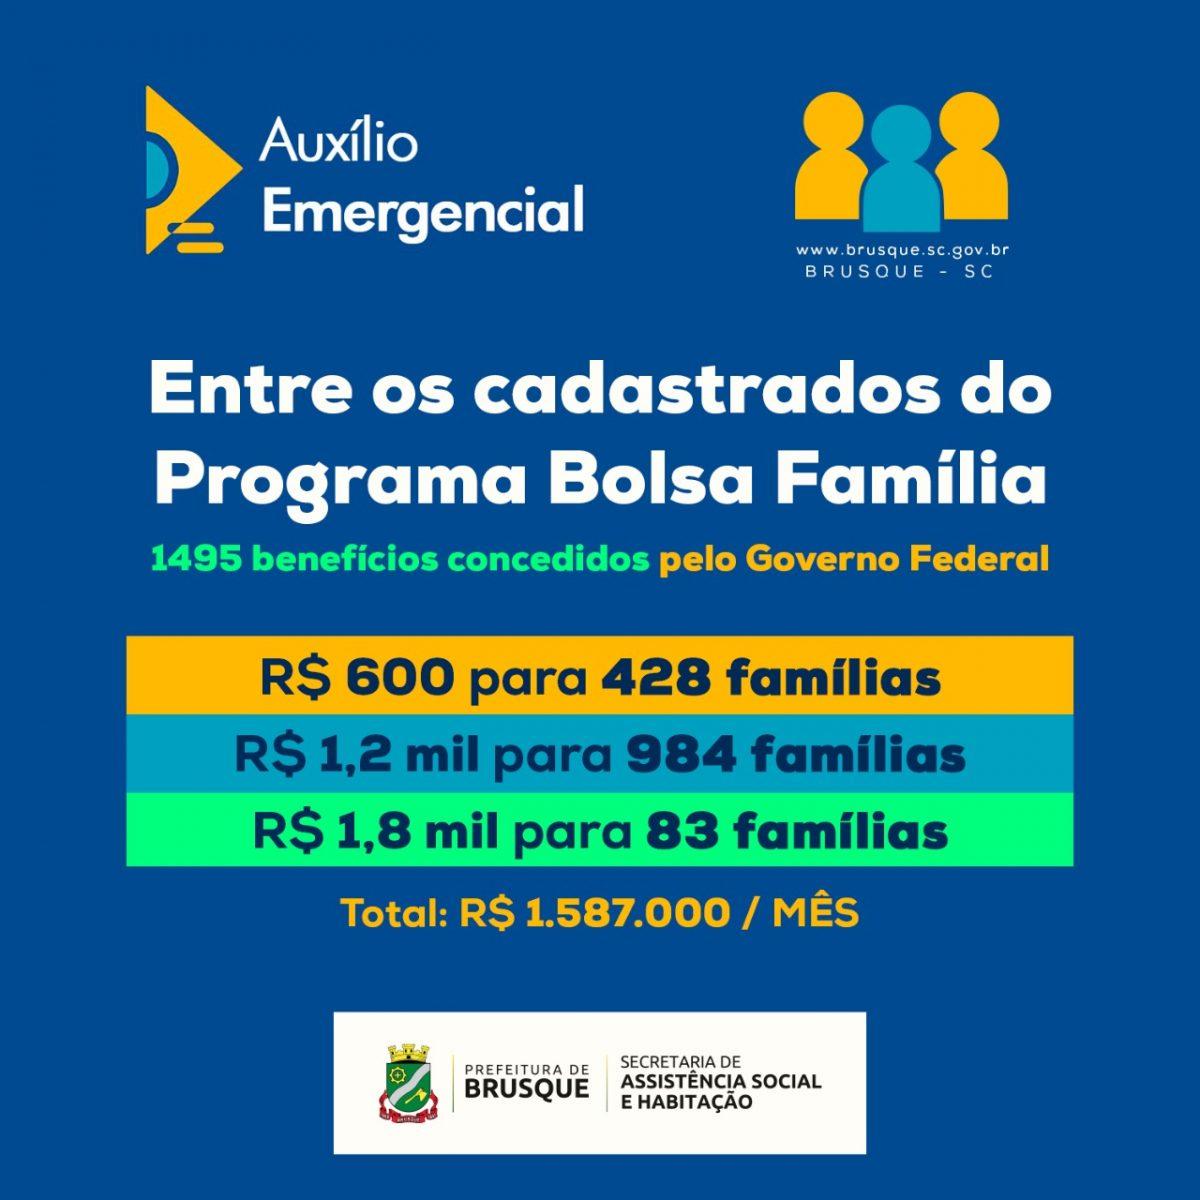 Quase 1.5 mil pessoas cadastradas no Bolsa Família vão receber o auxílio emergencial em Brusque